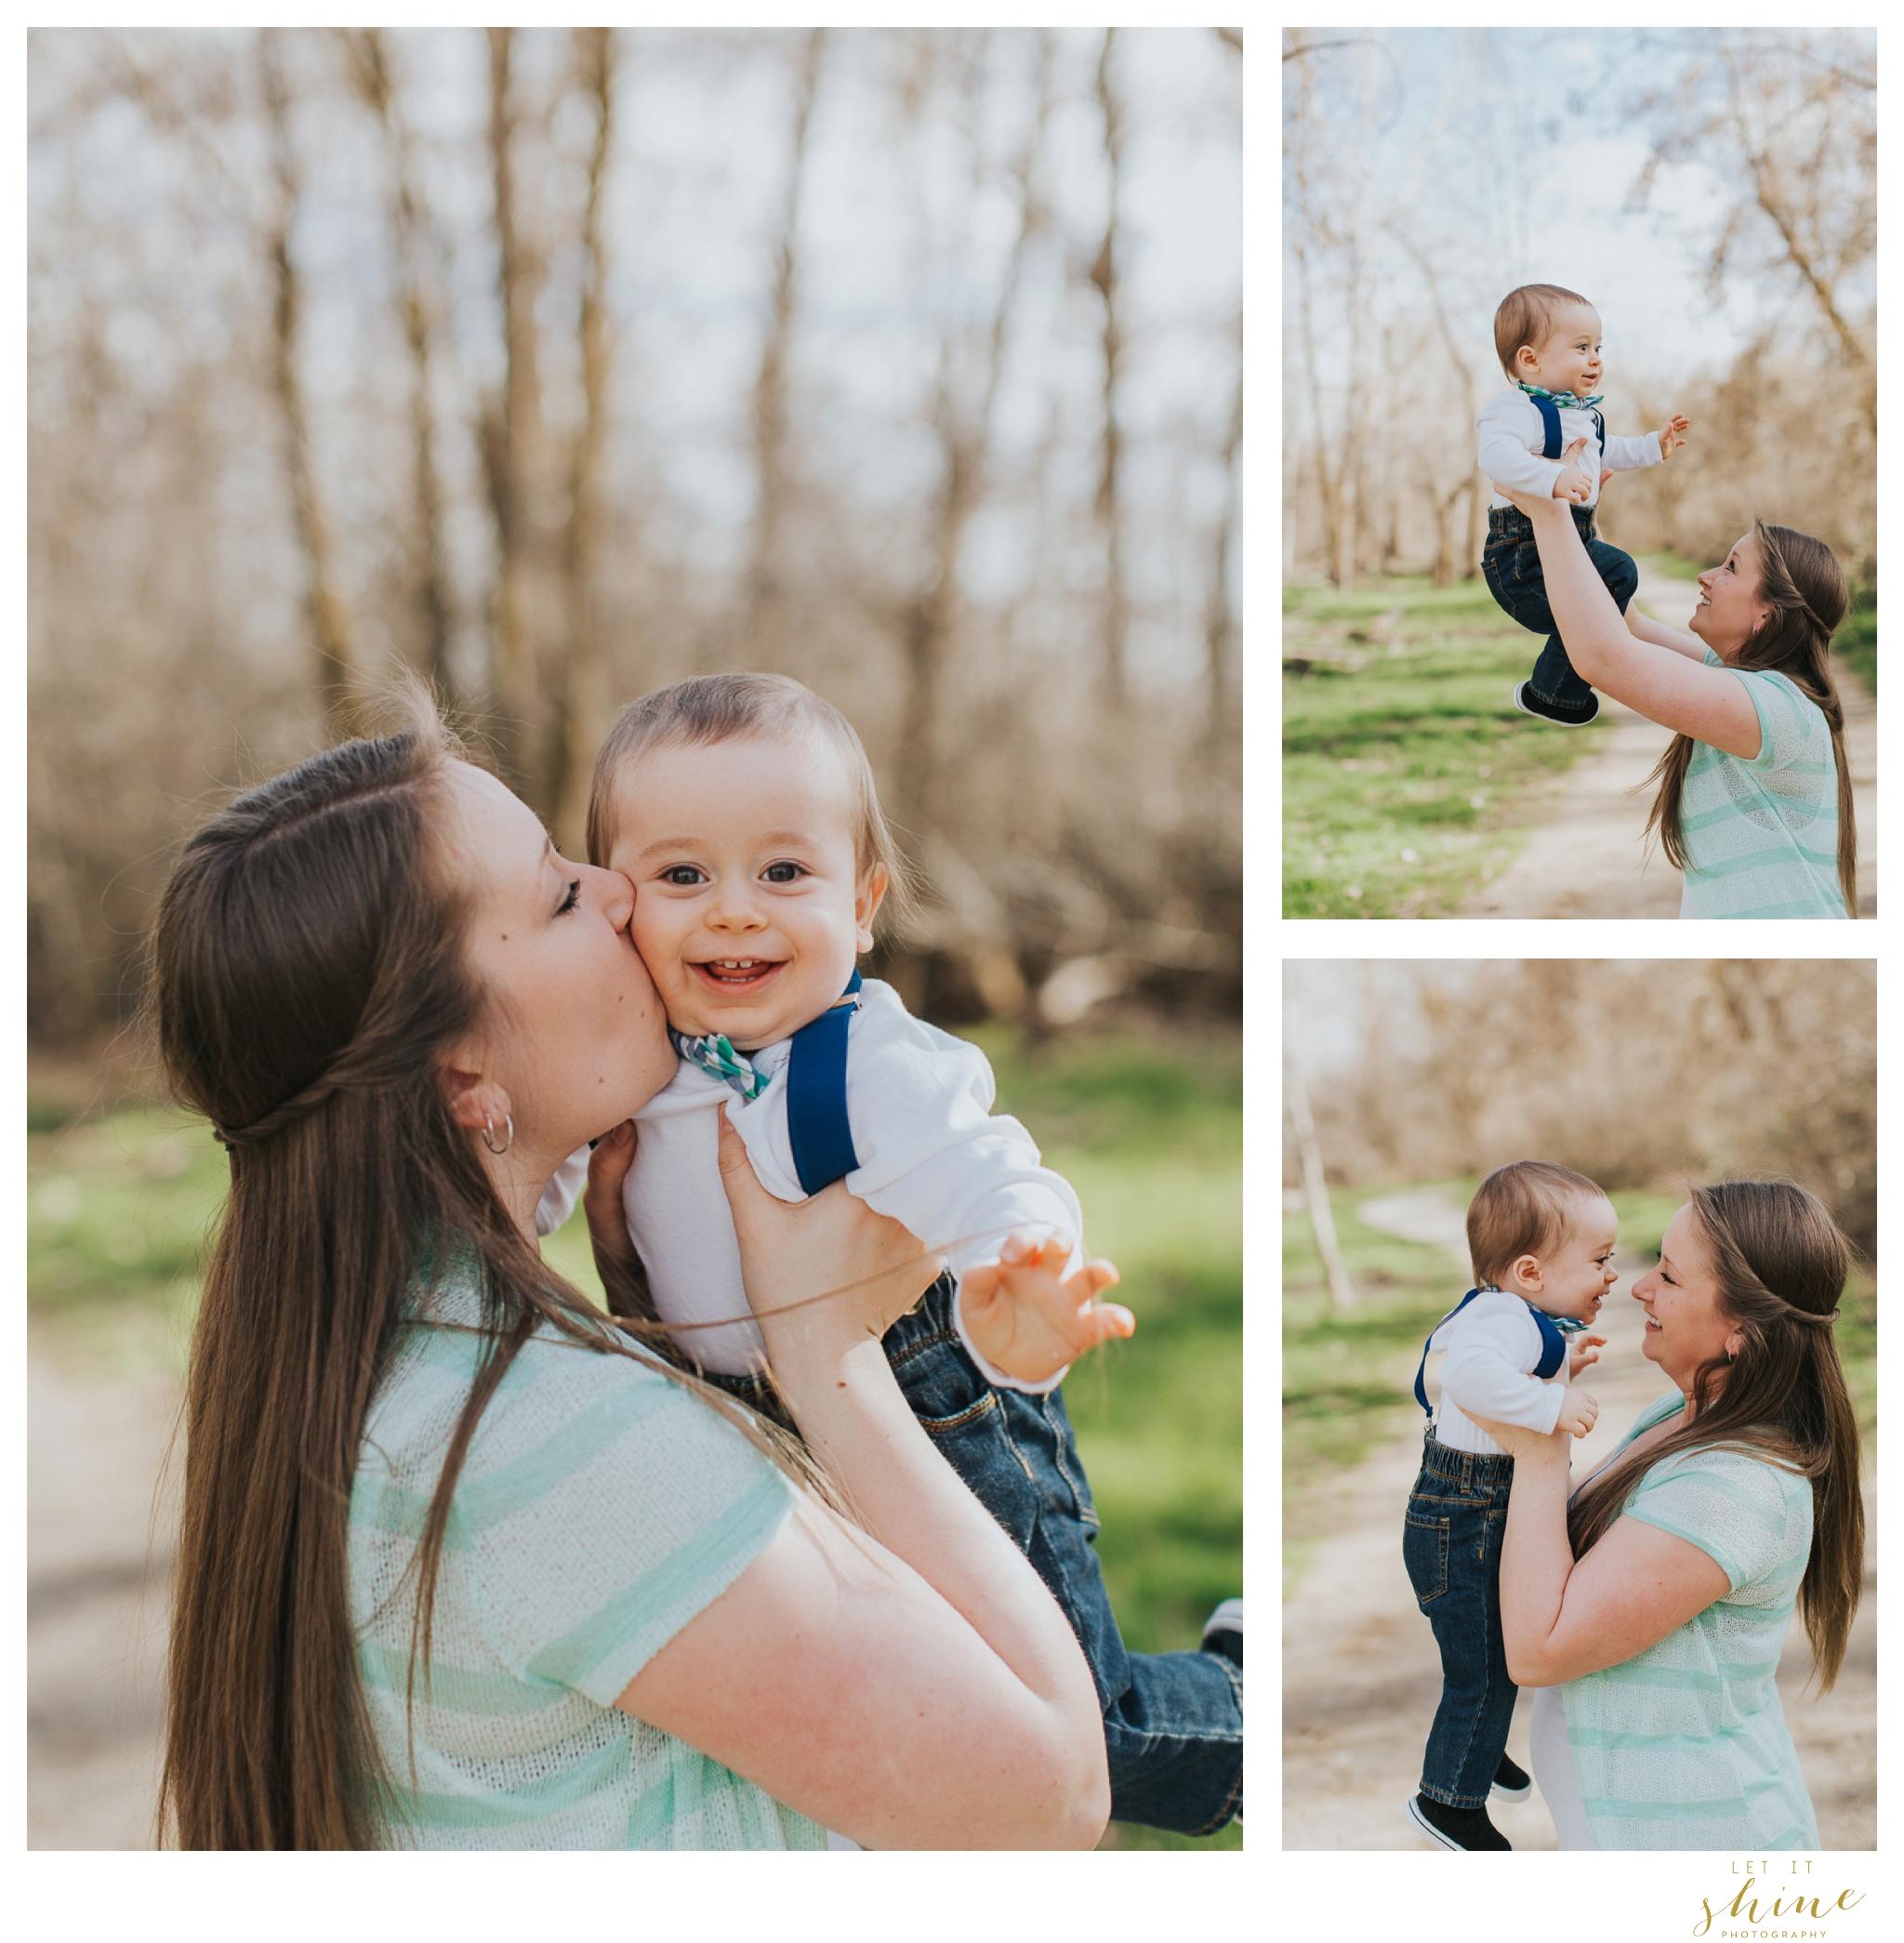 Spring Family Photos Boise Photographer-8306.jpg